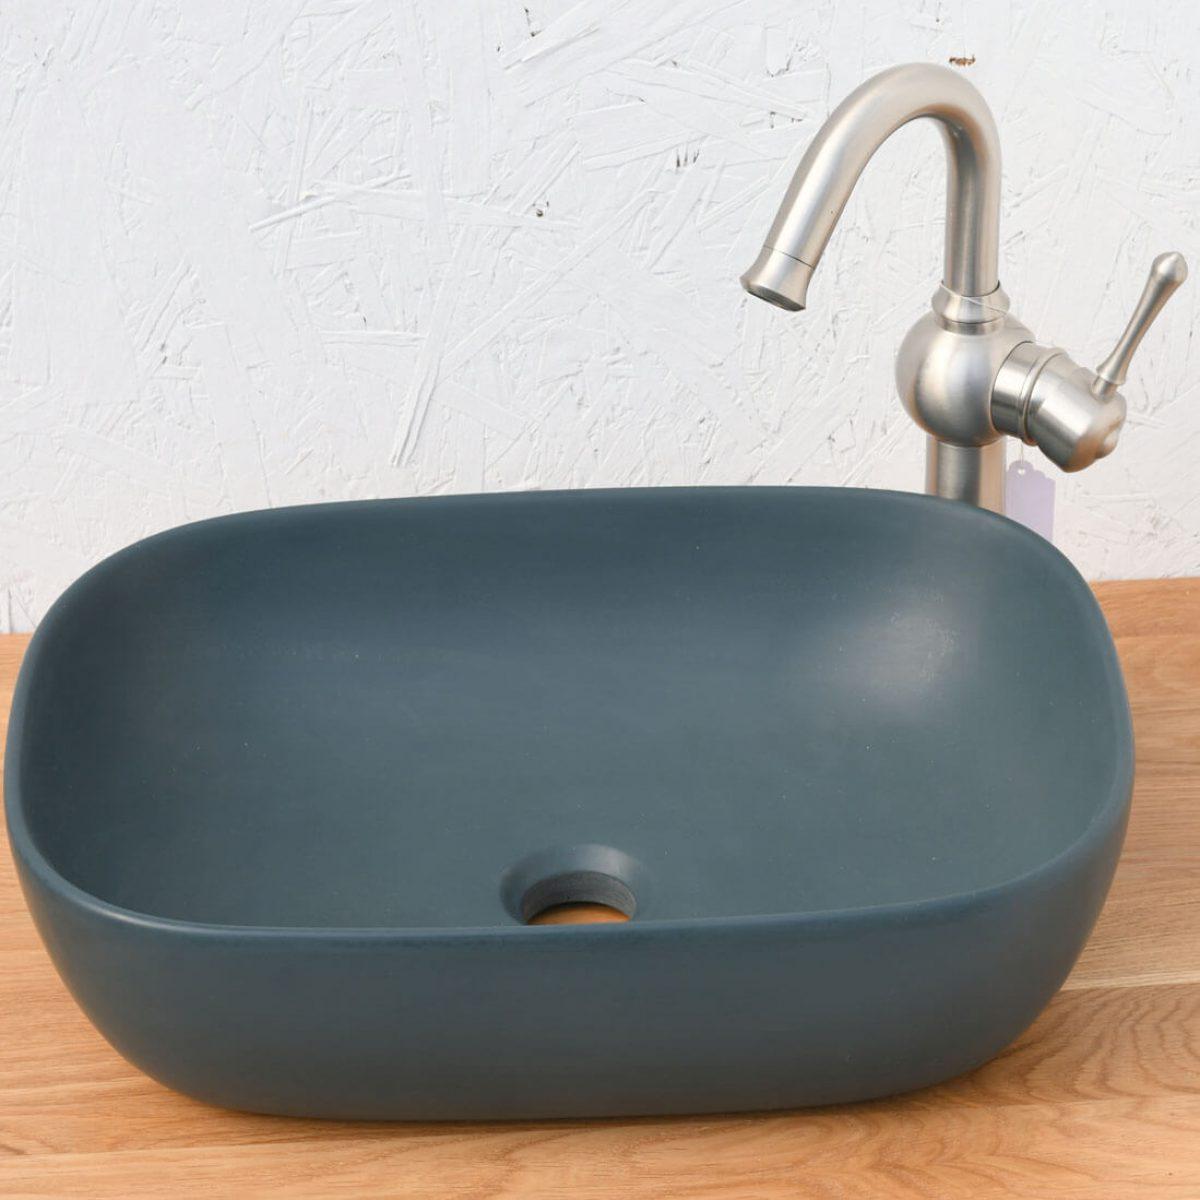 כיור אמבטיה מונח כחול מט